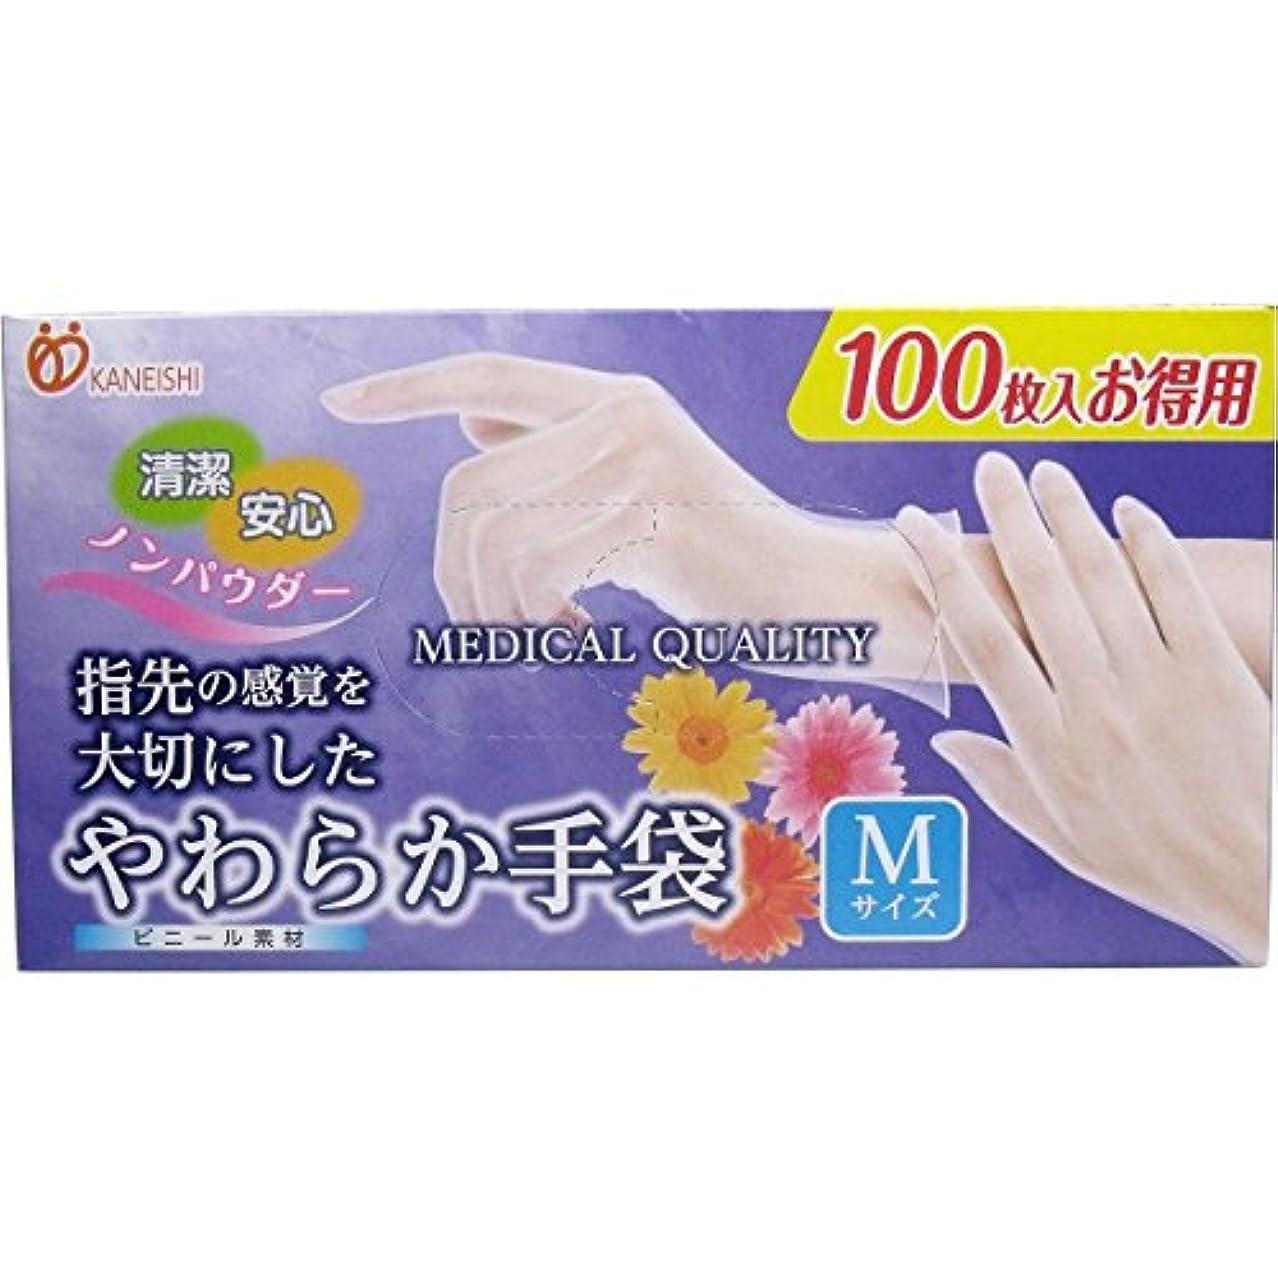 故国トレッド乳製品やわらか手袋 ビニール素材 Mサイズ 100枚入x2